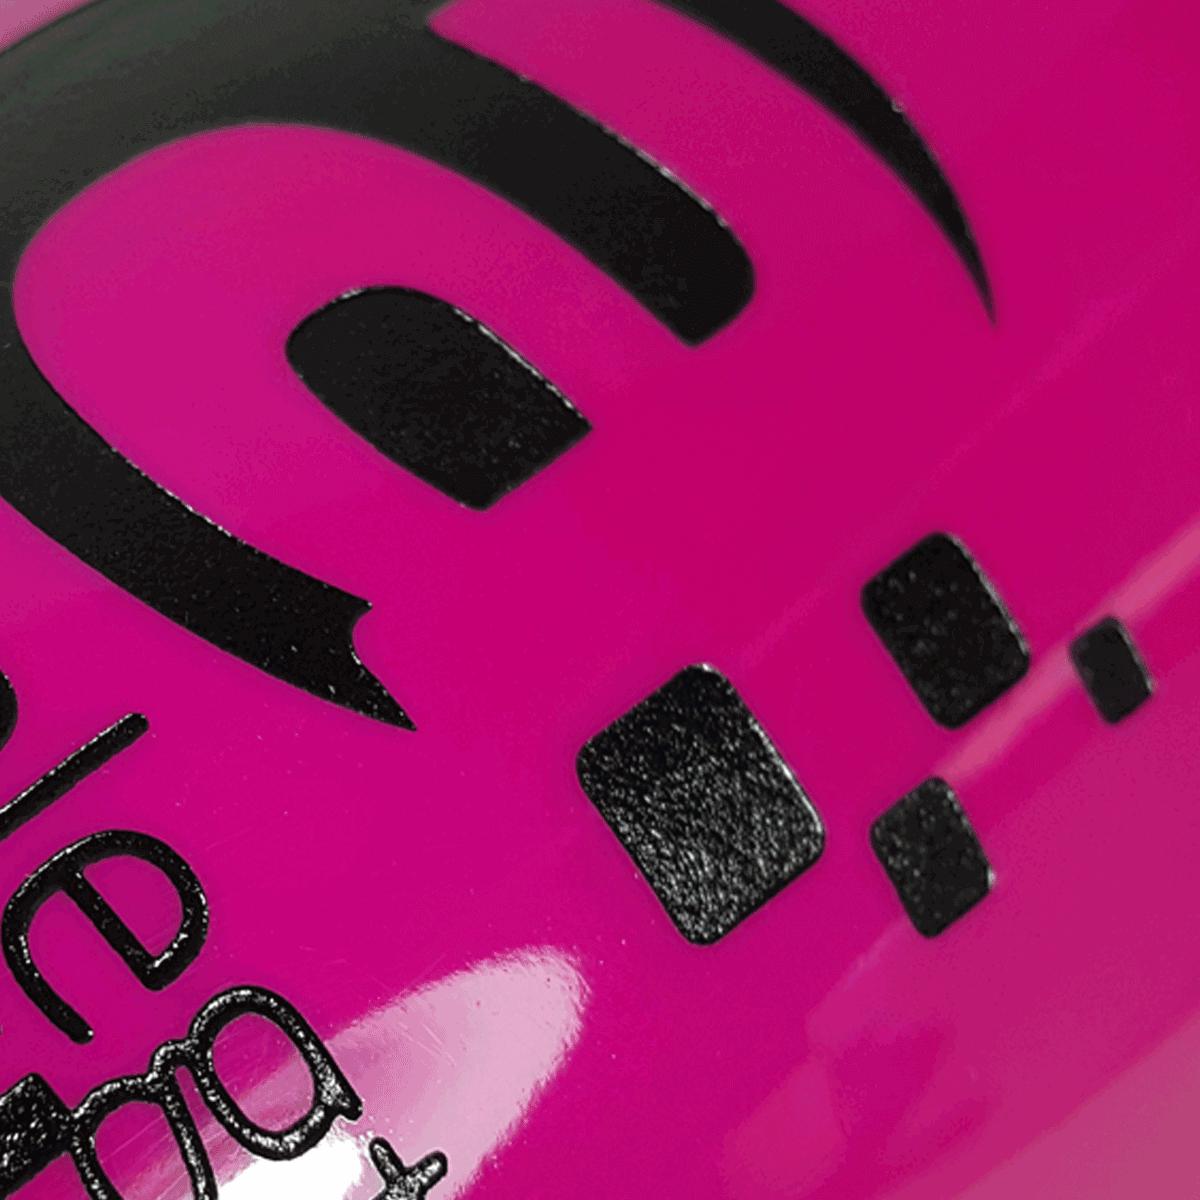 ausgelegte-Gravur_pink_1200px